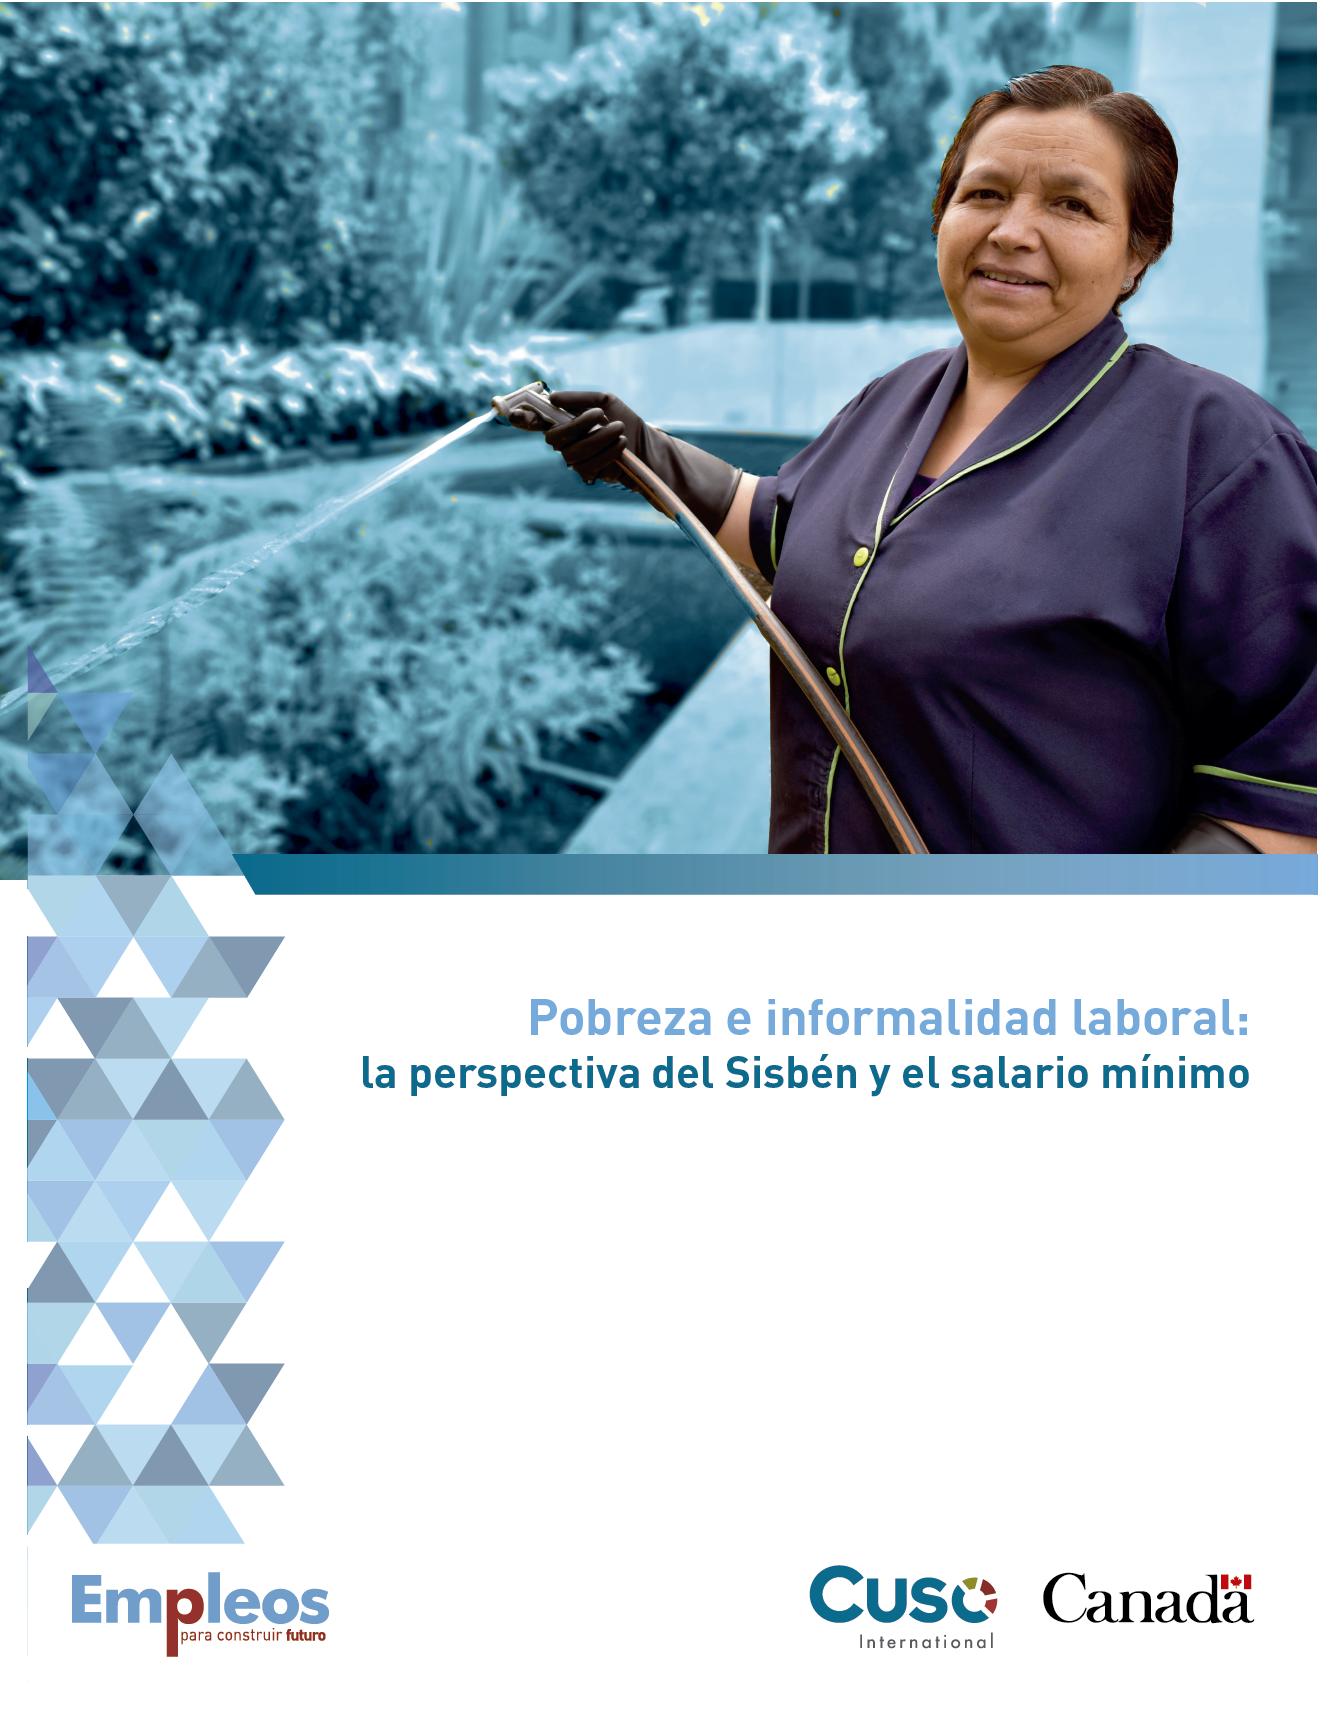 Pobreza e informalidad laboral: la perspectiva del Sisbén y el salario mínimo